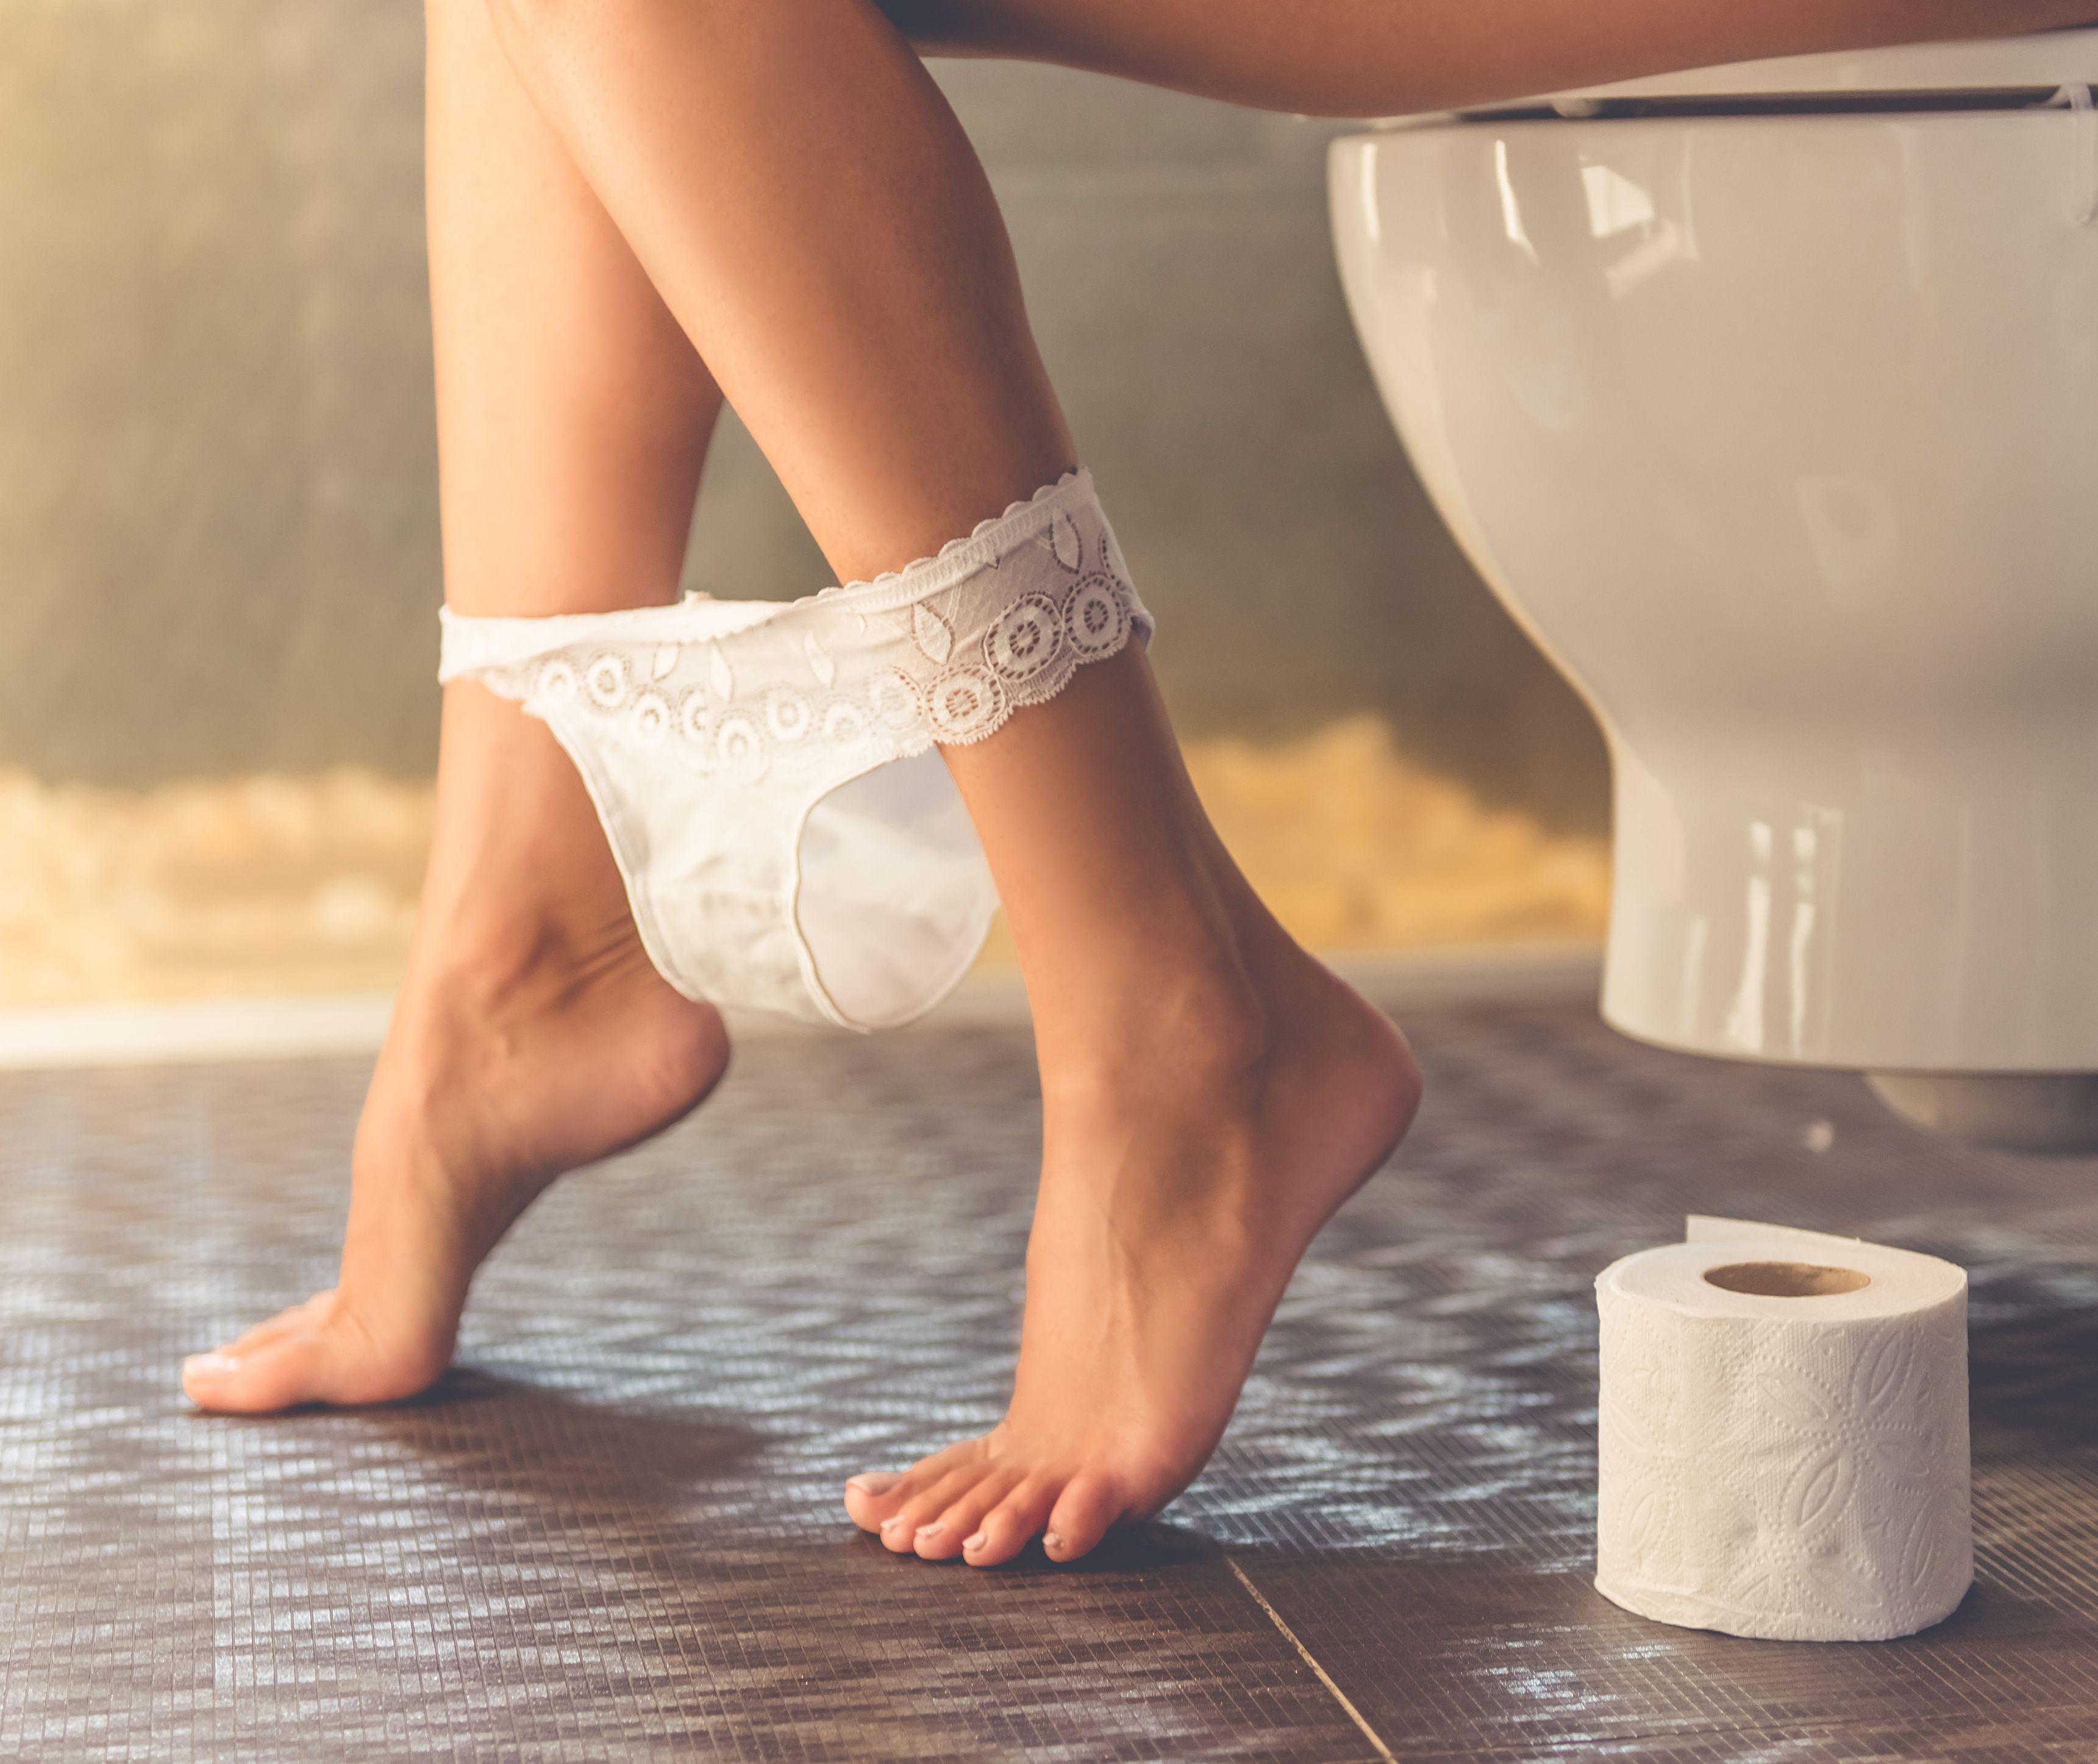 como se toma el bicarbonato para la infeccion urinaria